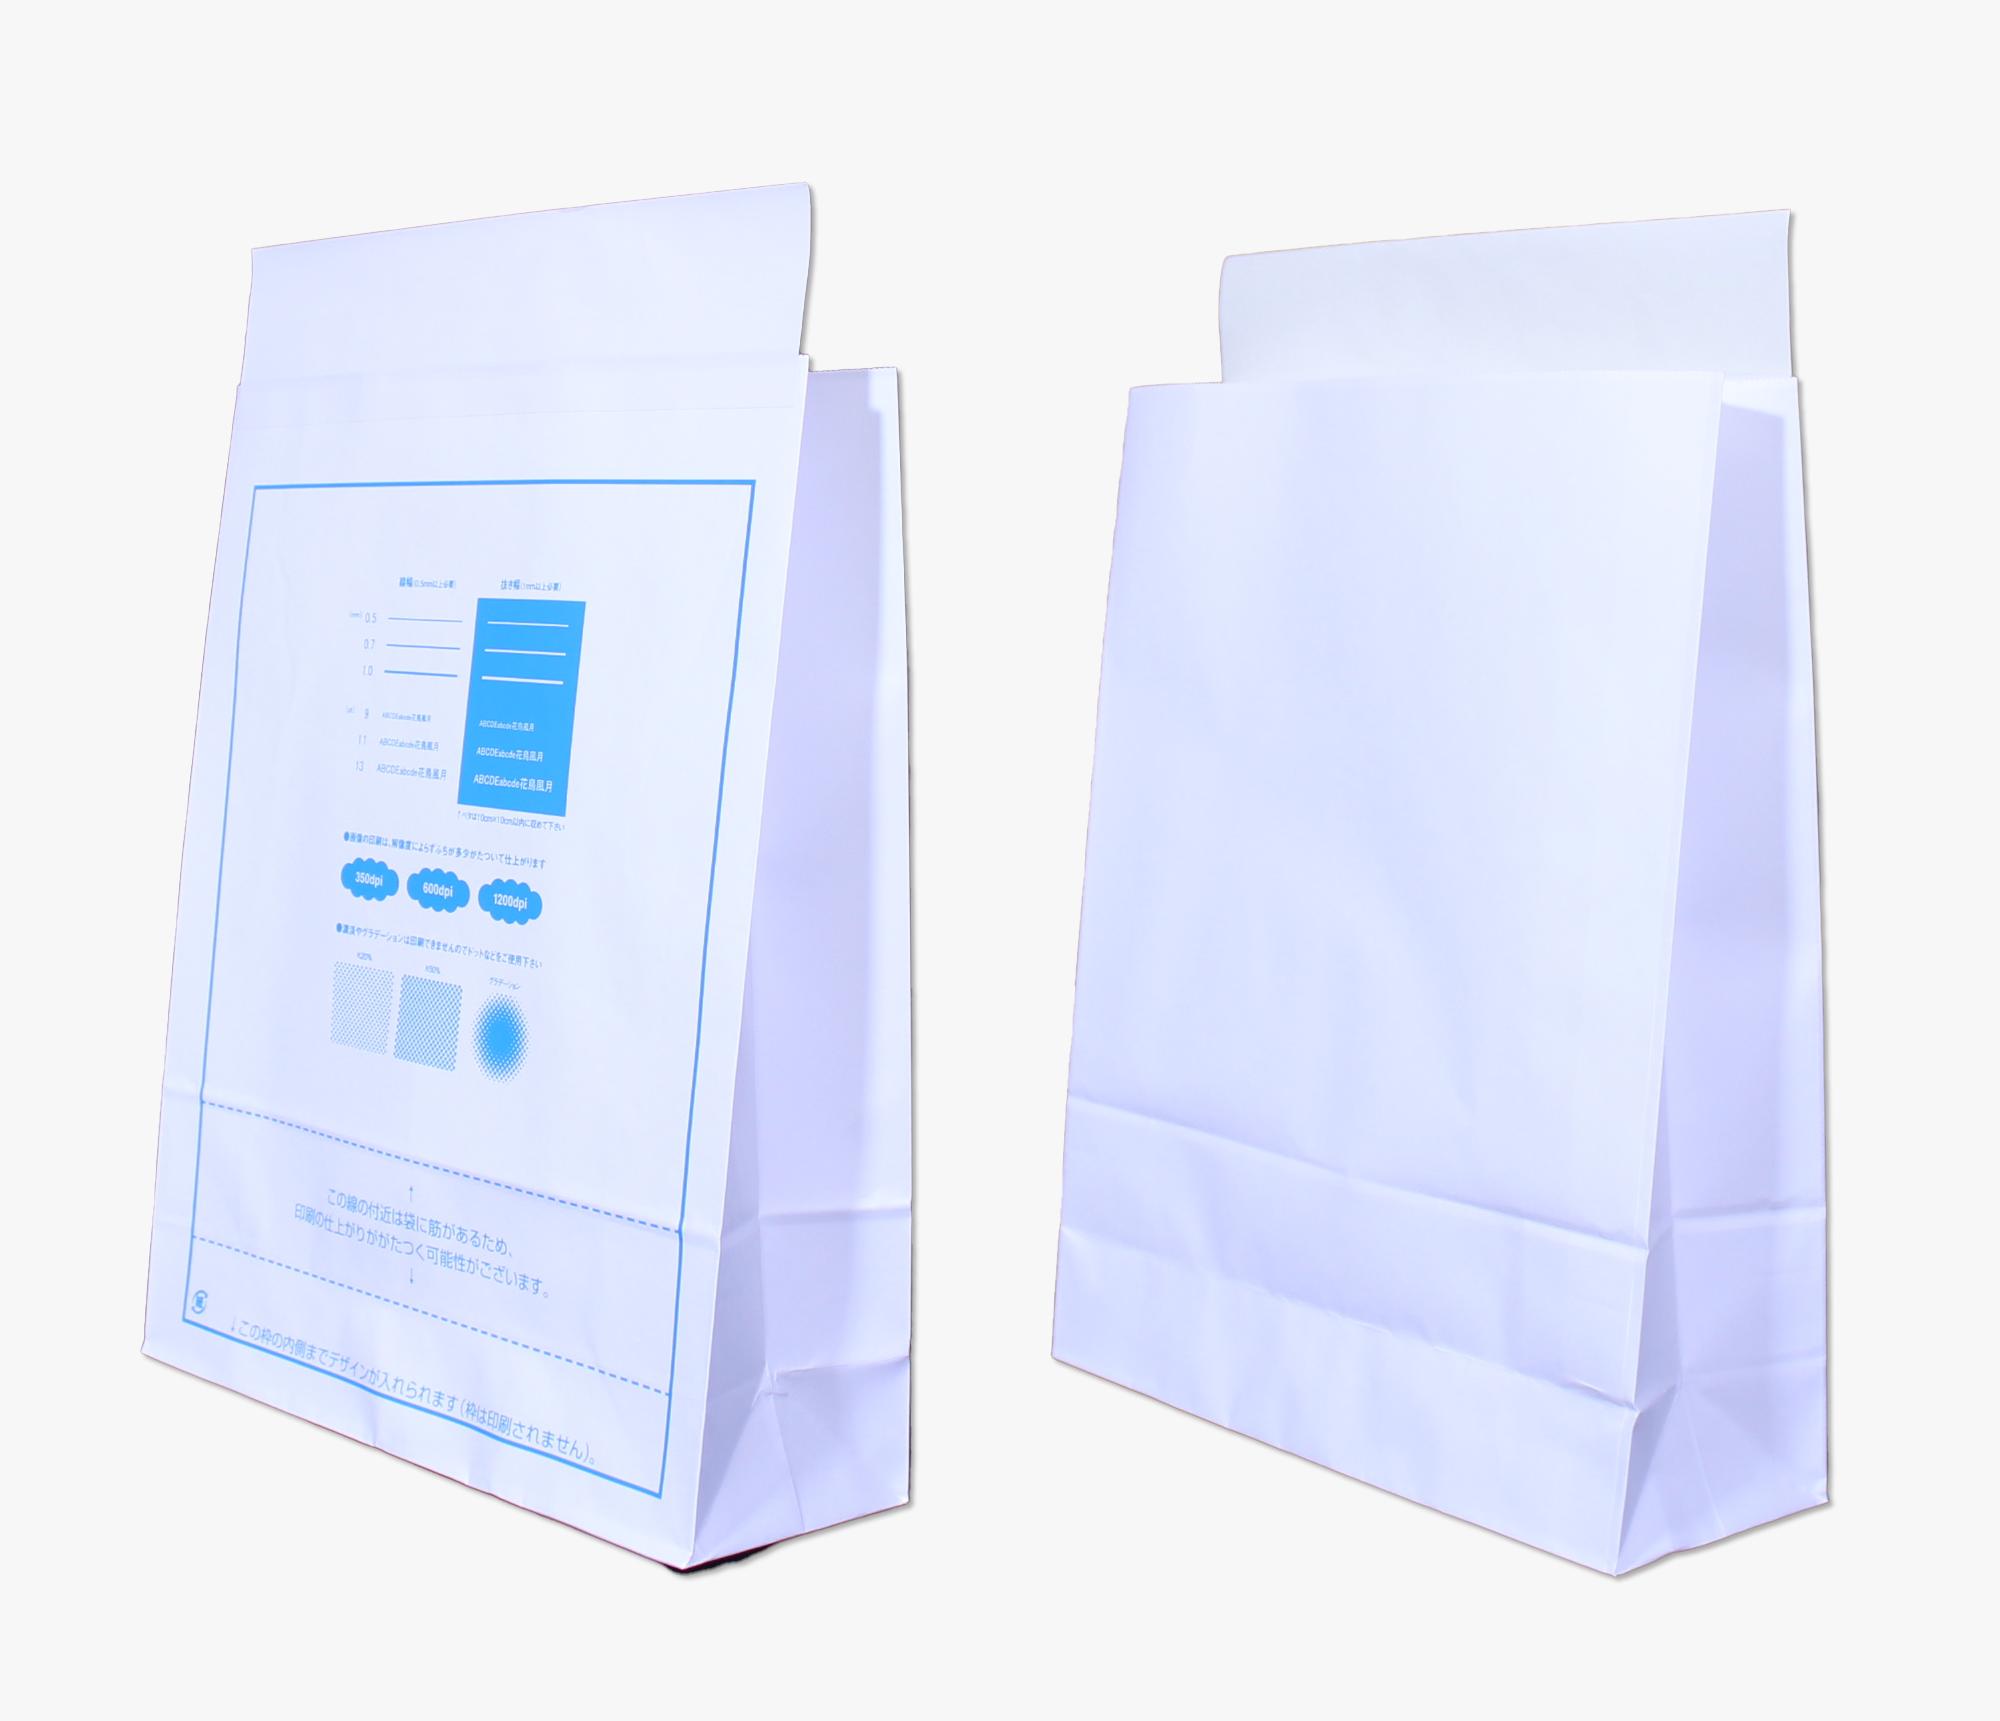 ワンポイント宅配紙袋(片艶晒クラフト)Mサイズのサンプルイメージ画像1